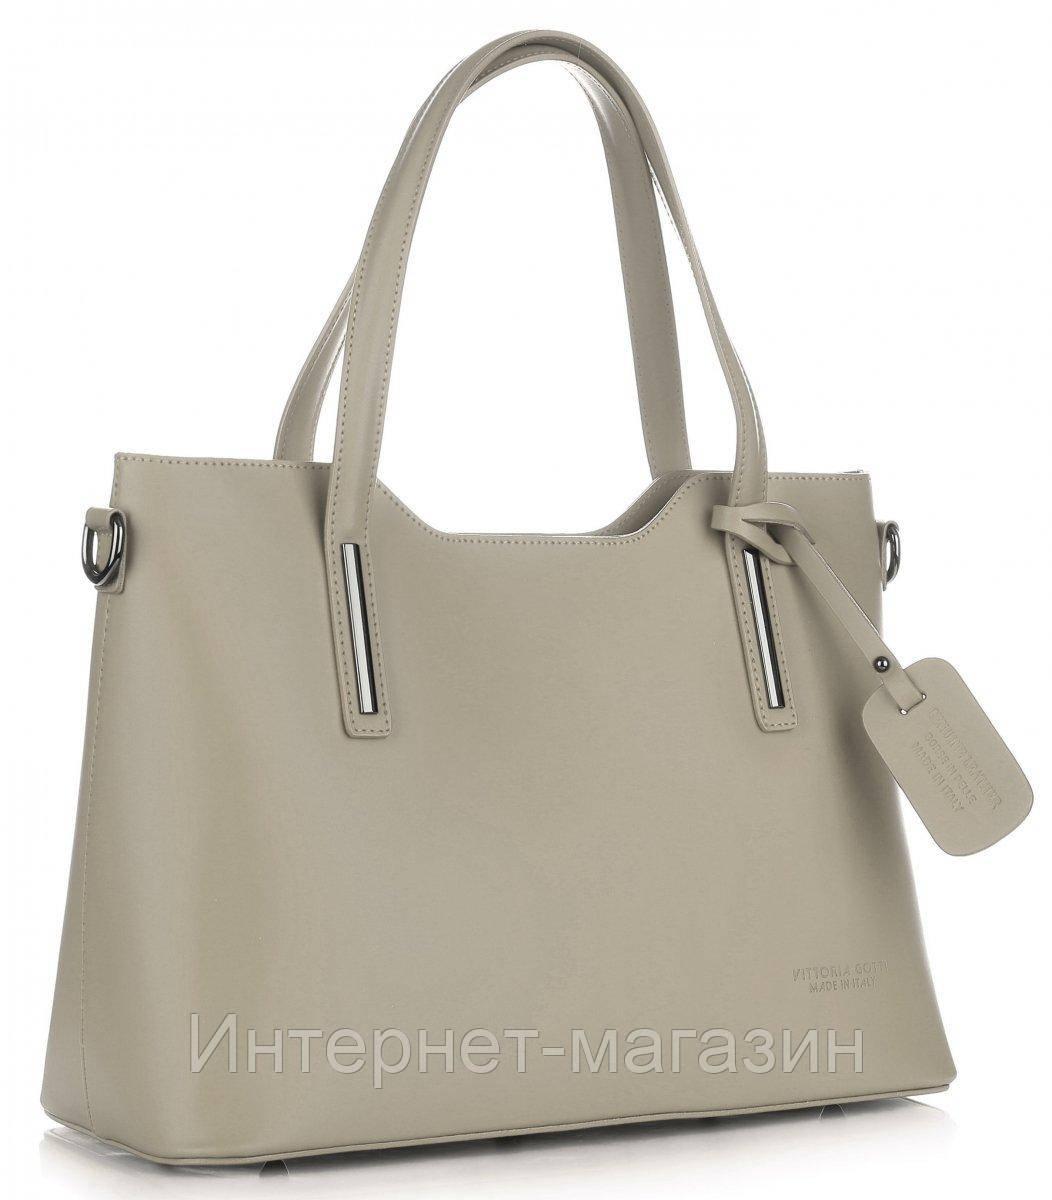 13c494d3bc22 Женская итальянская сумка VITTORIA GOTTI из натуральной кожи, бежевого цвета